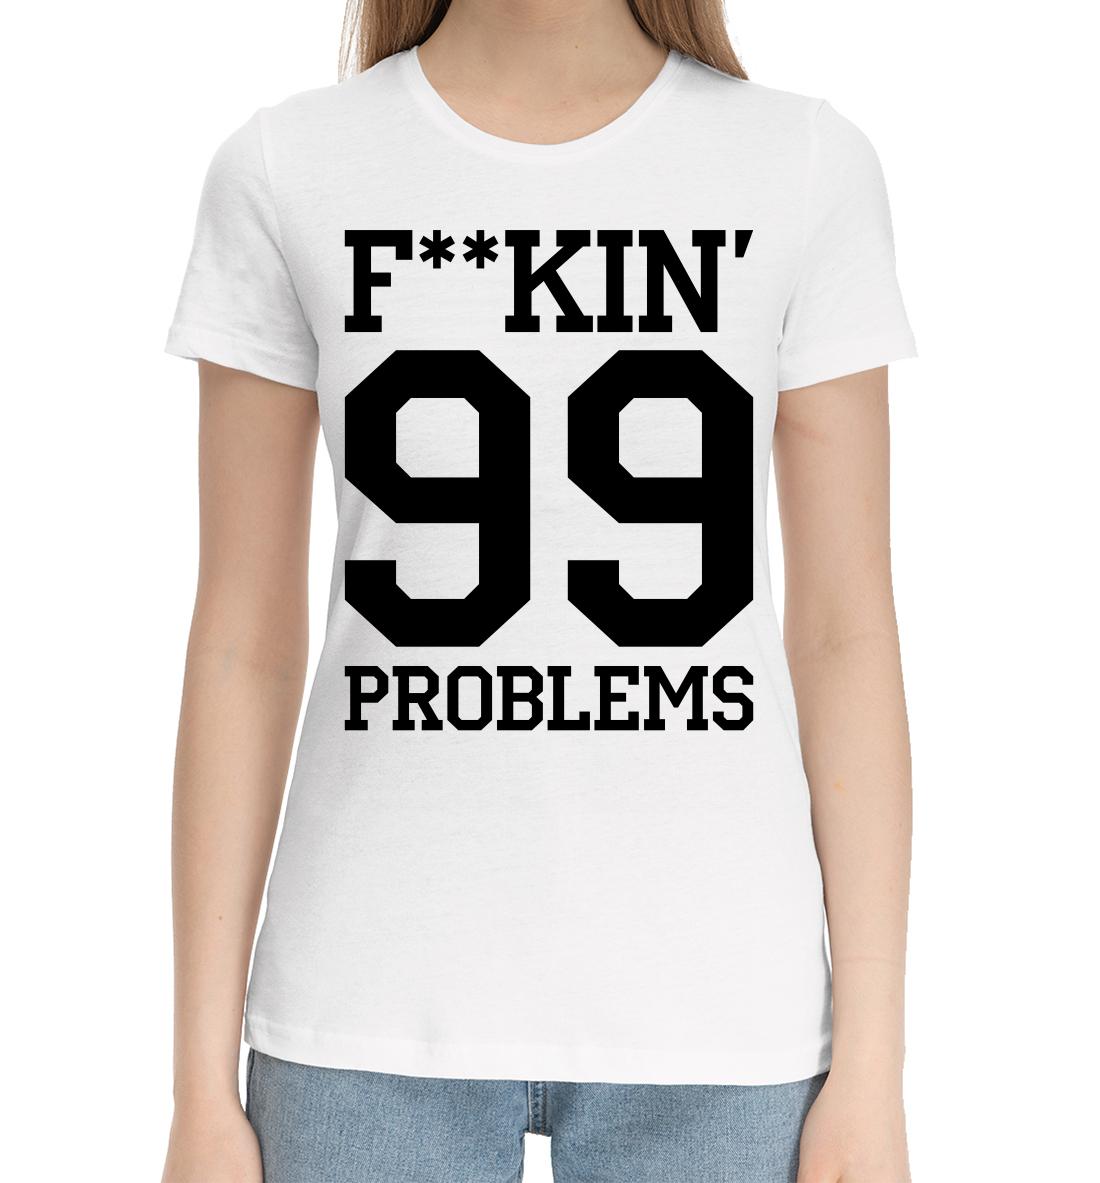 F**KIN' 99 PROBLEMS недорого